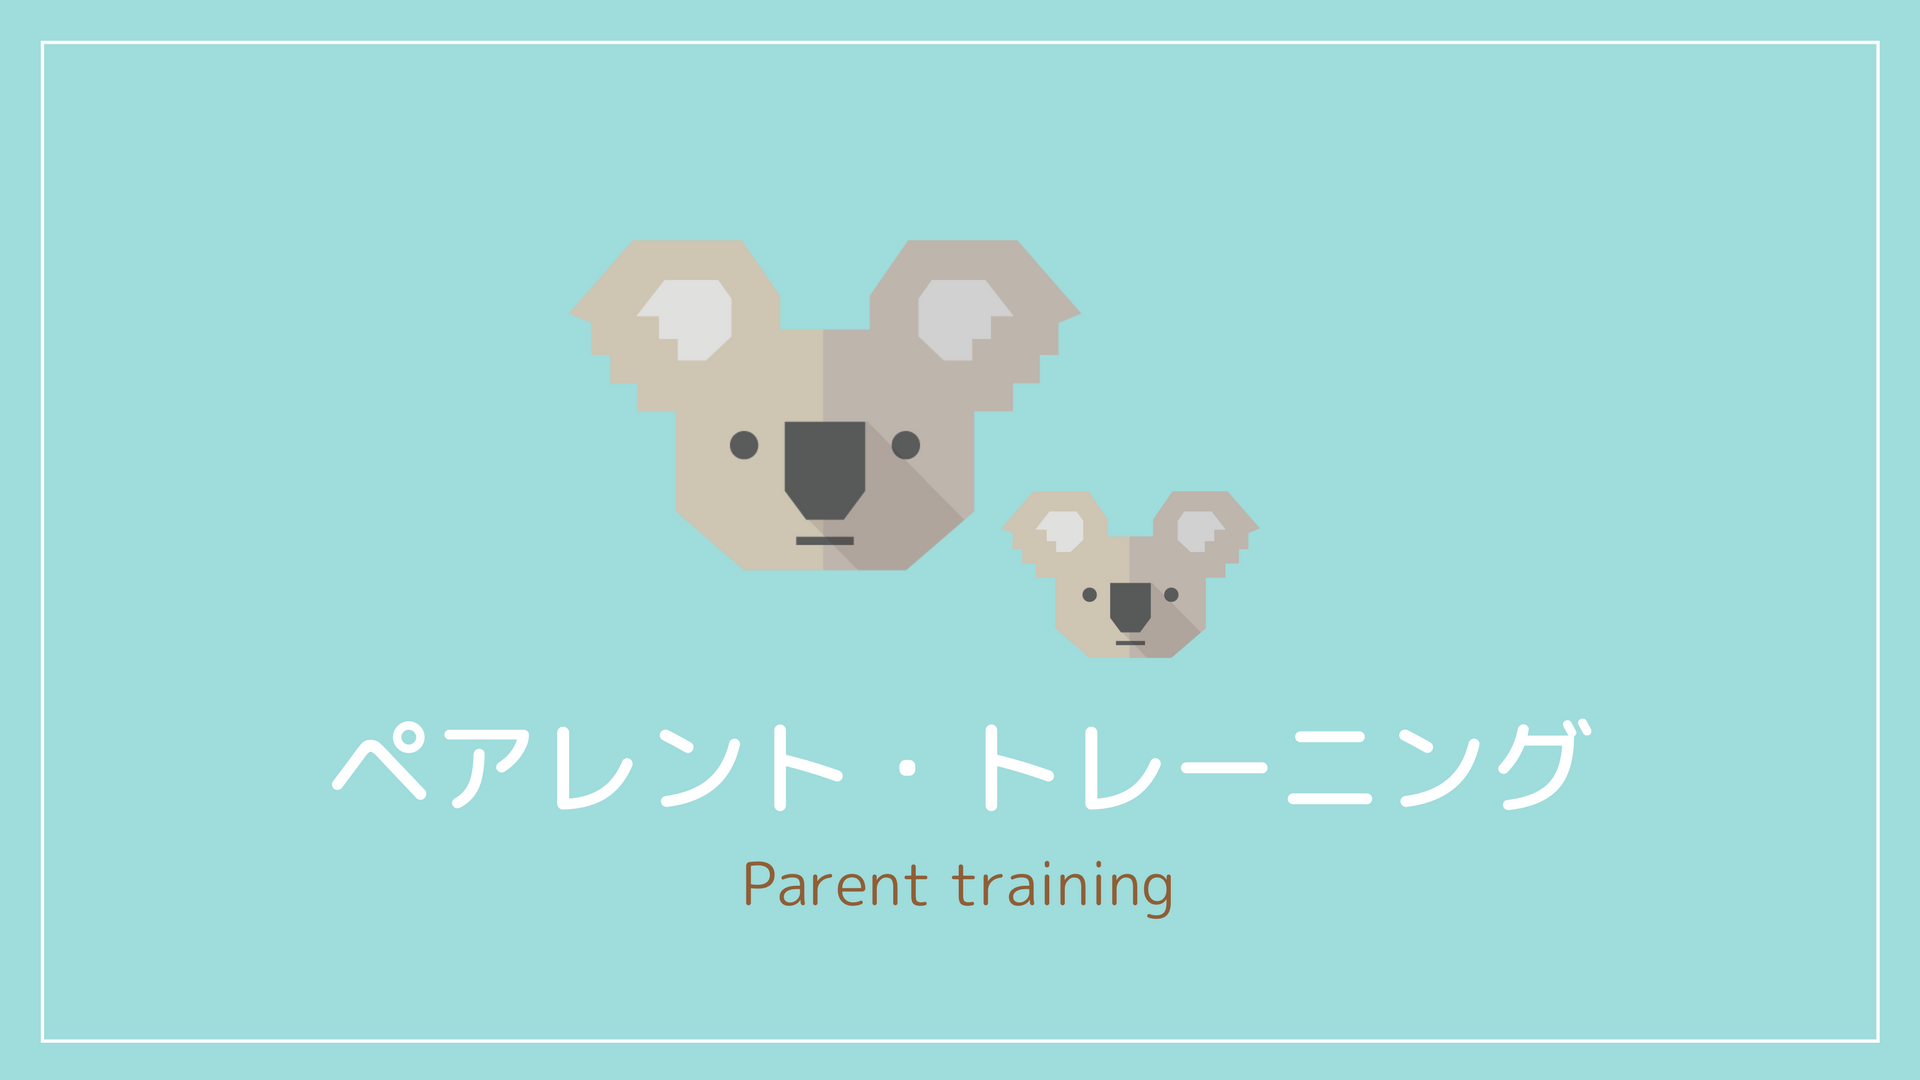 【ペアレントトレーニングとは?】今日からできる!褒め上手になる3つのステップ